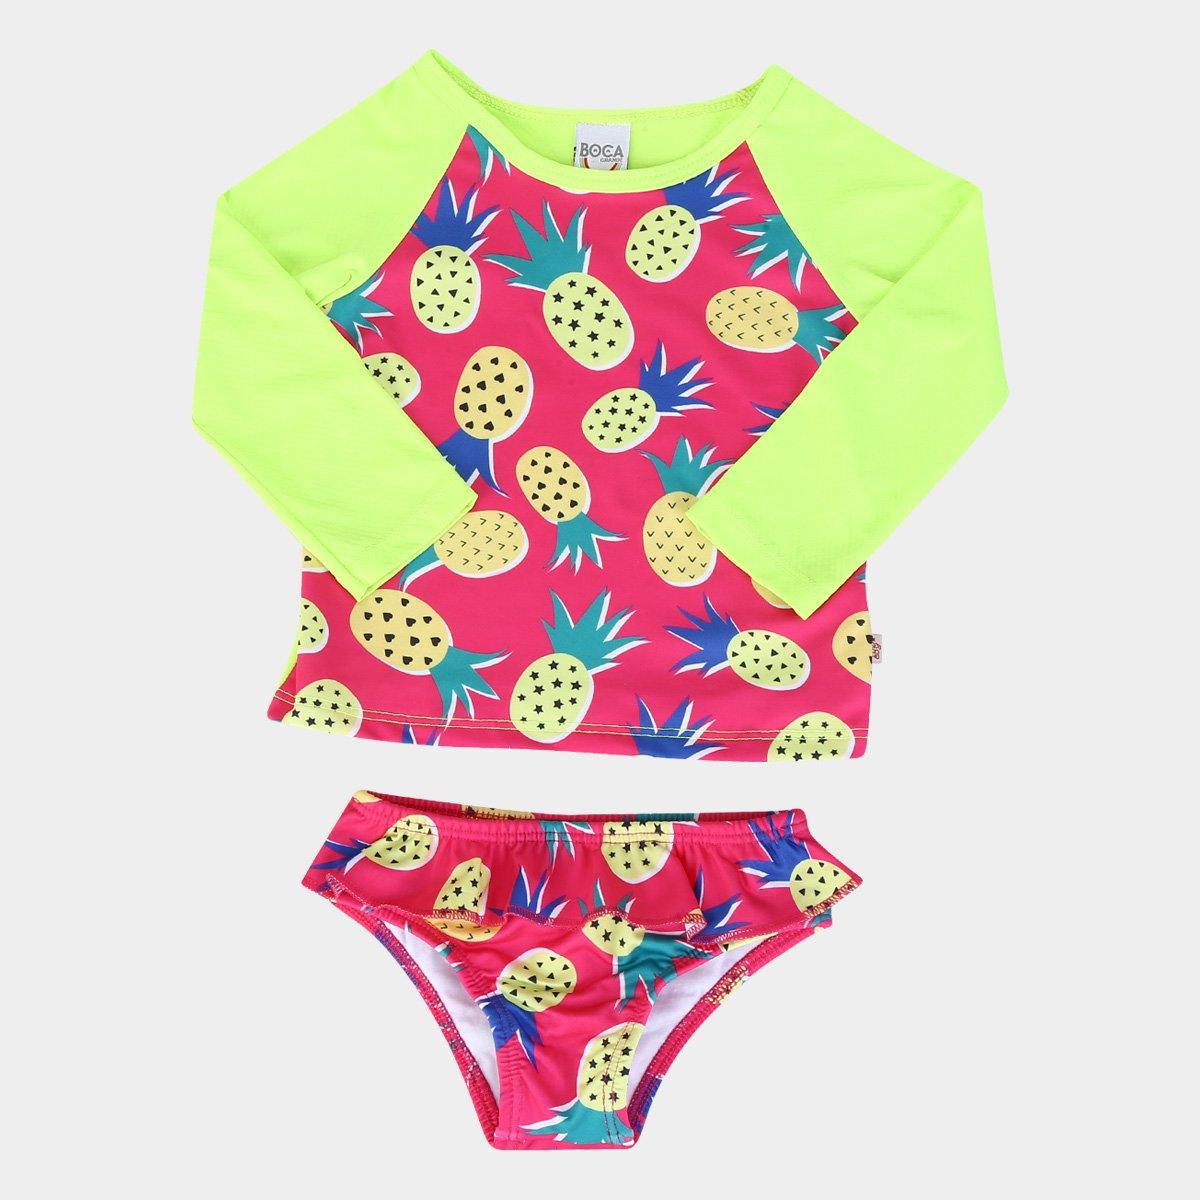 Conjunto Infantil Boca Grande c/ Proteção UV 50+ Feminino